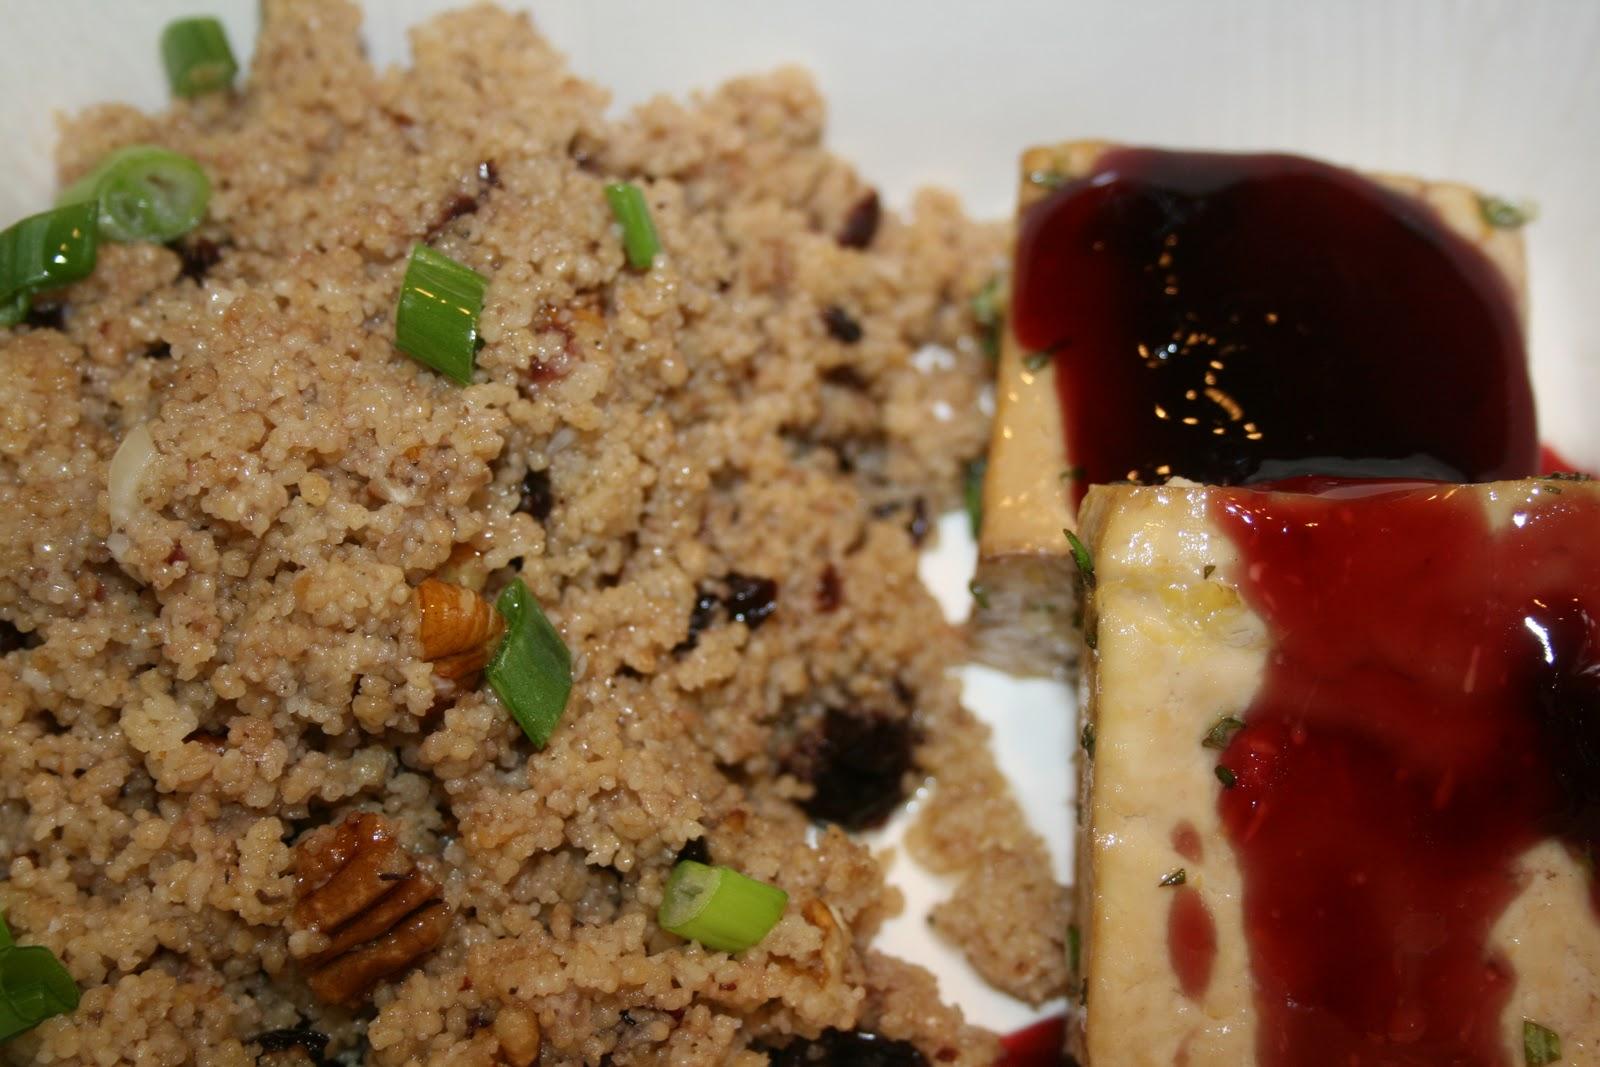 Vegan+Roasted+Rosemary+and+Lemon+Baked+Tofu+with+Pomegranate+Reduction ...